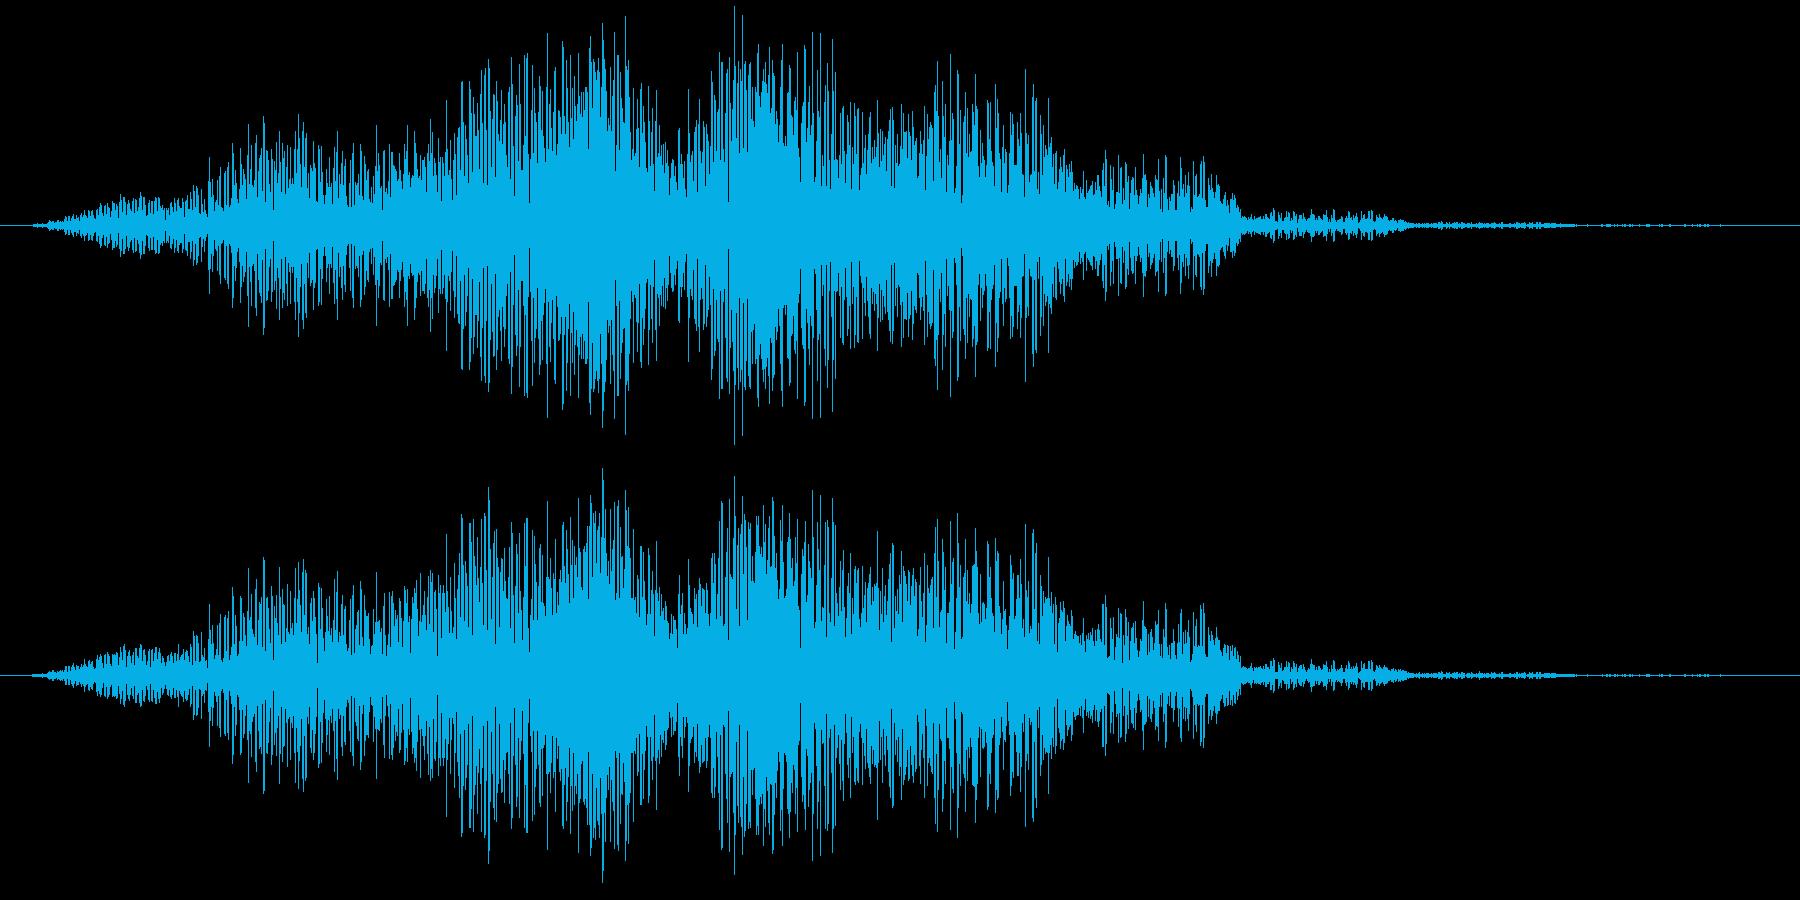 重力魔法の再生済みの波形